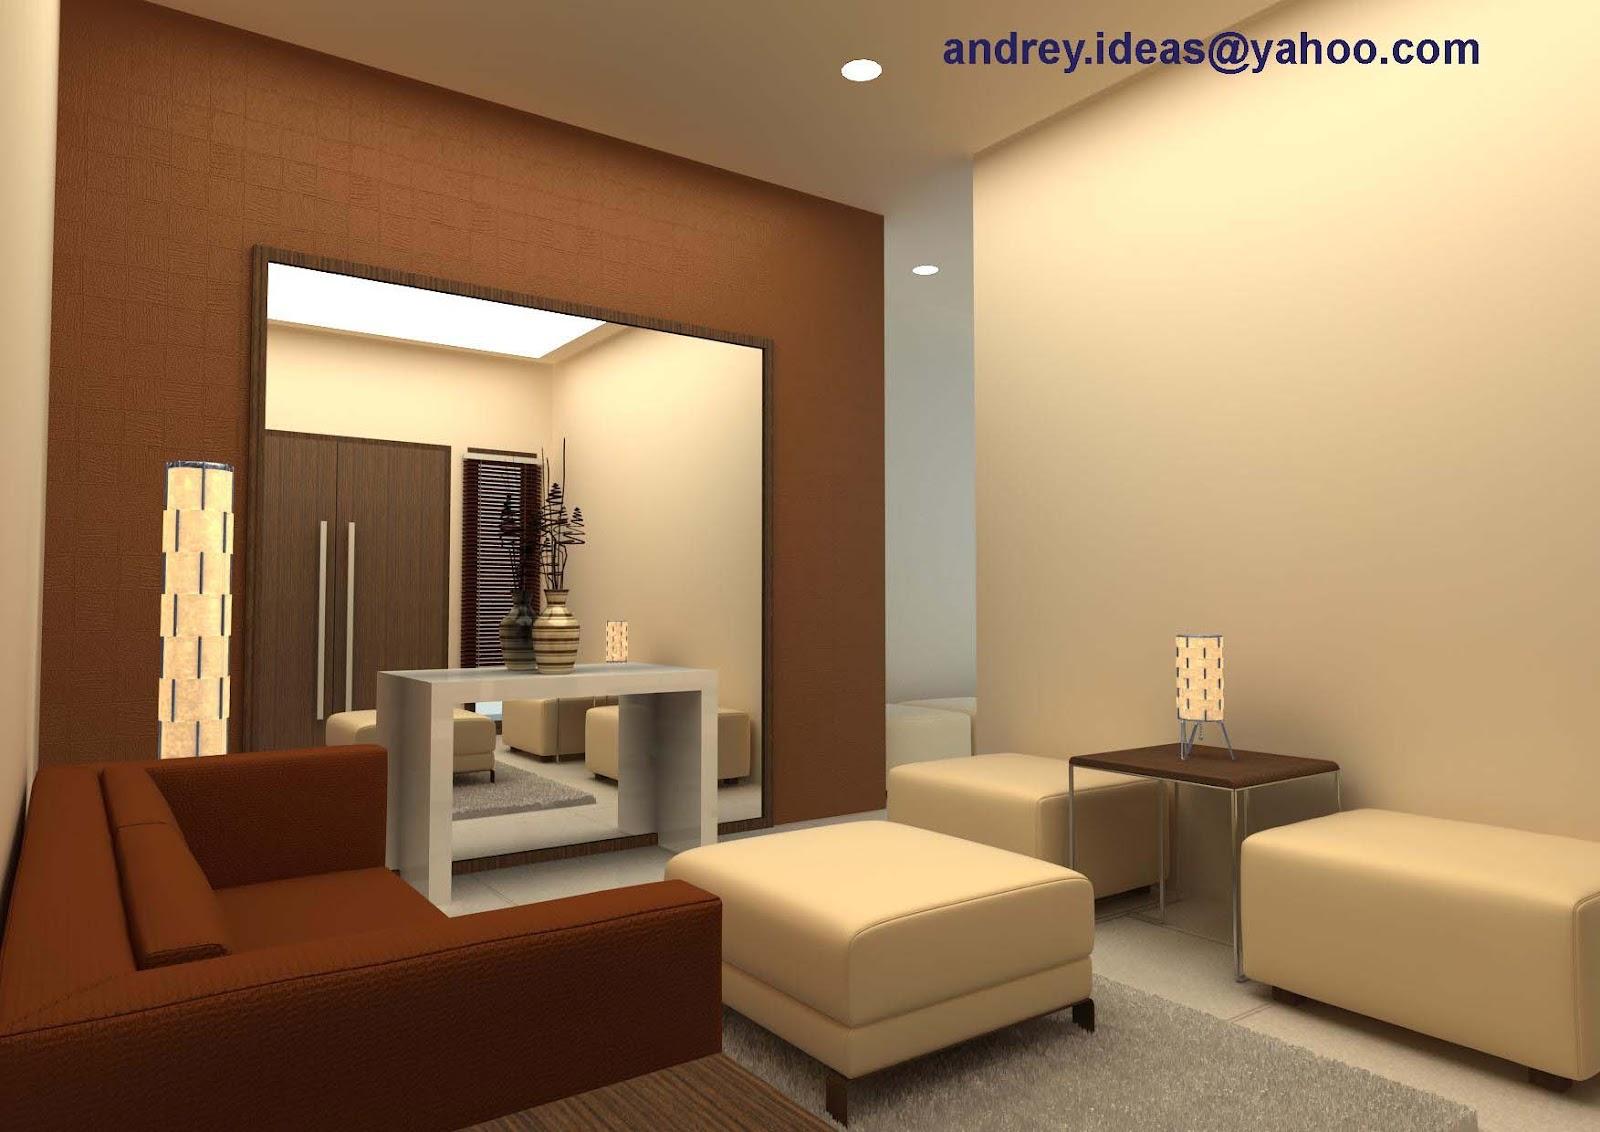 contoh wallpaper untuk ruang tamu free download